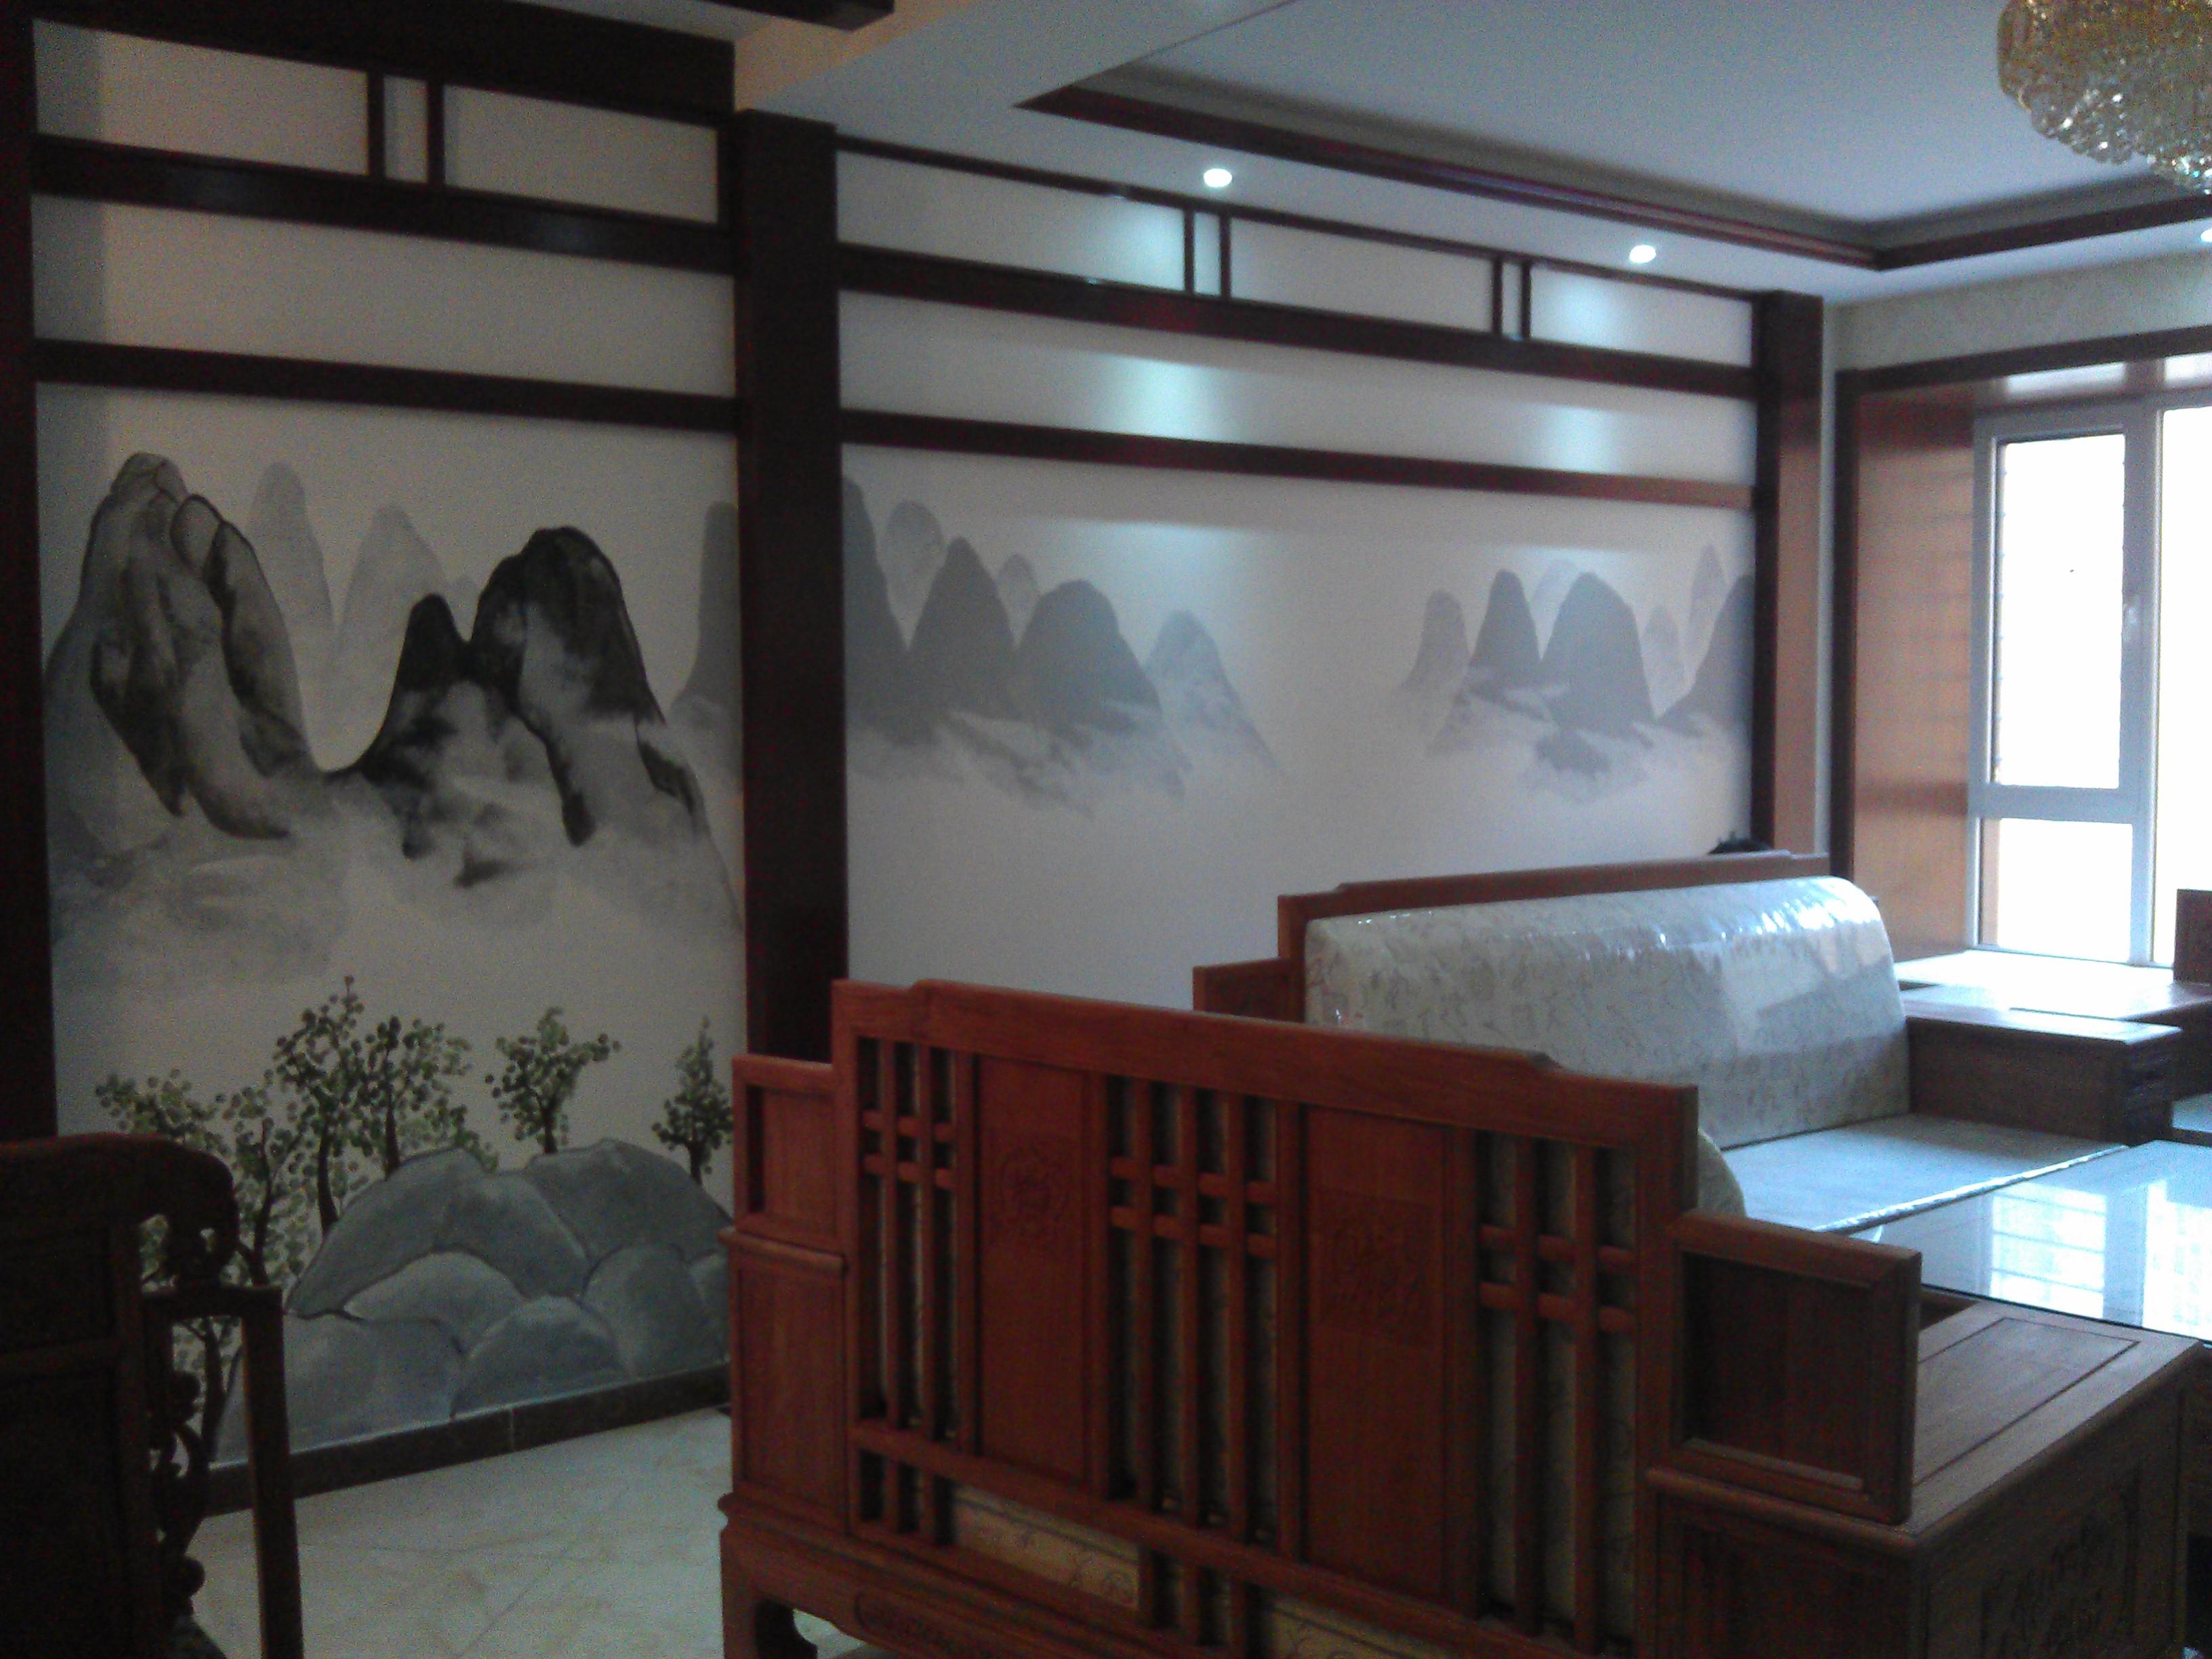 家居手绘墙画是手绘画的一种,是将传统的涂鸦从室外搬进了室内,让一种